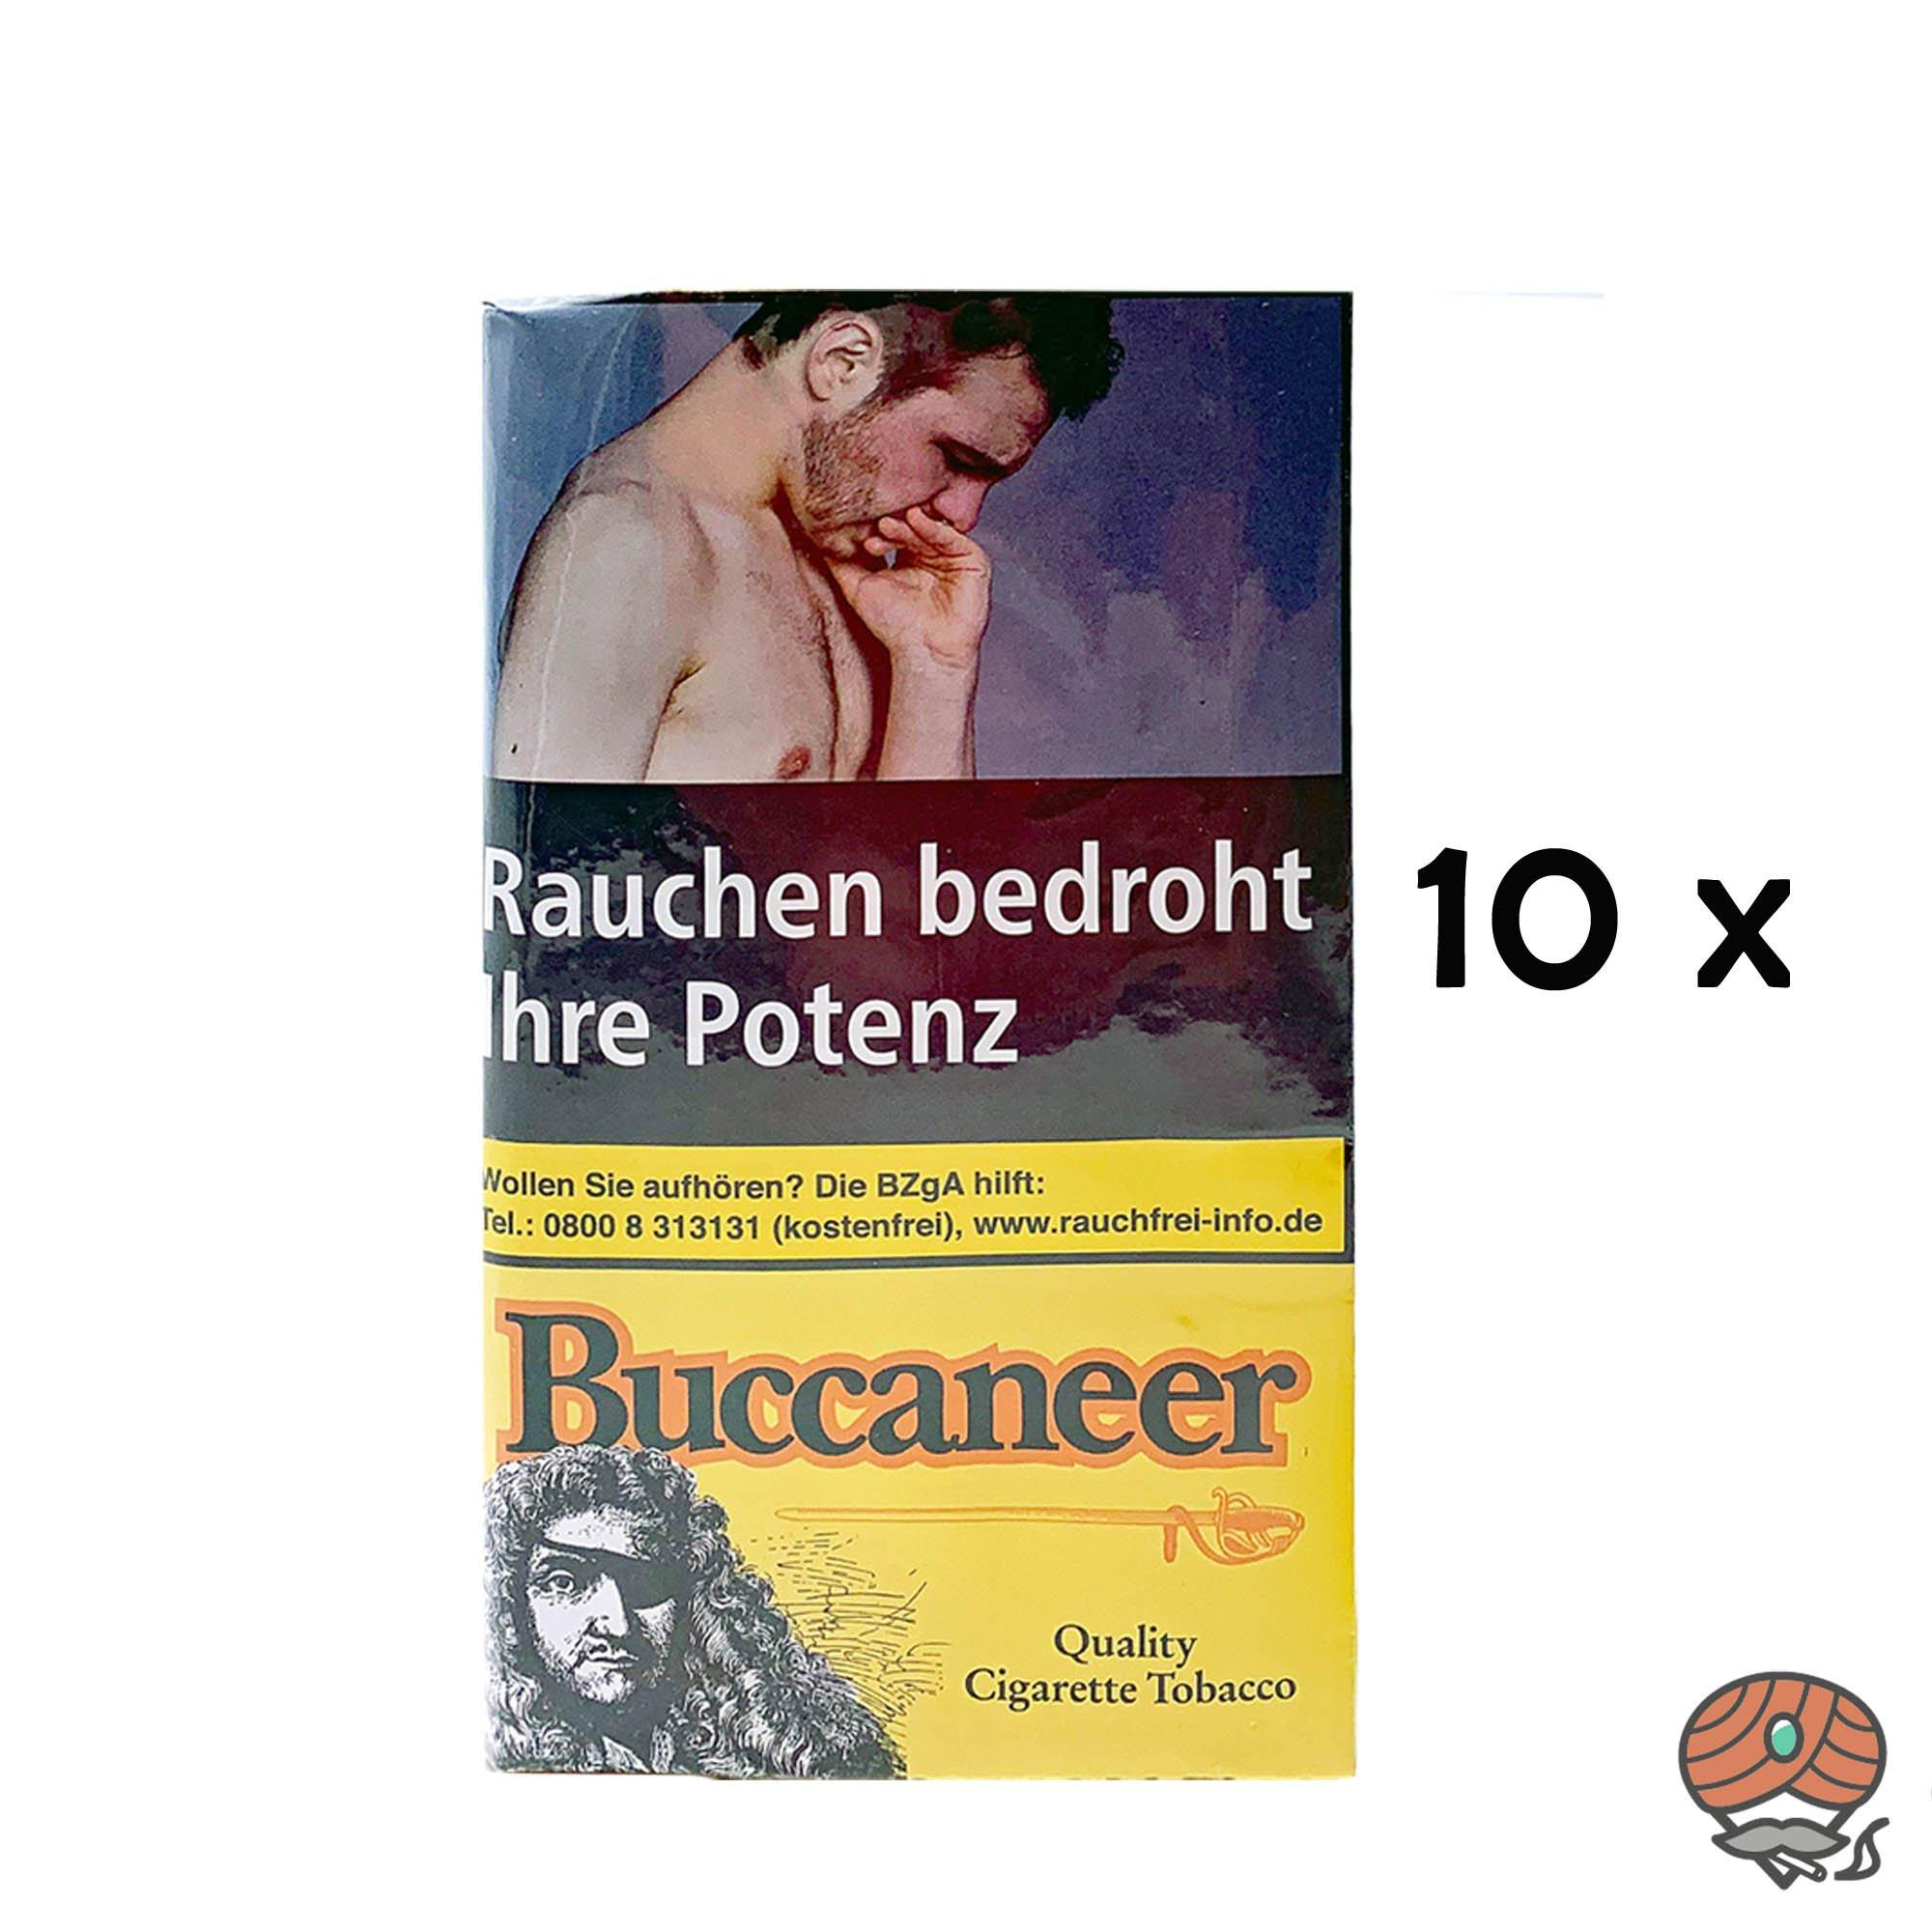 10 x Buccaneer Drehtabak / Feinschnitttabak Whisky Aroma